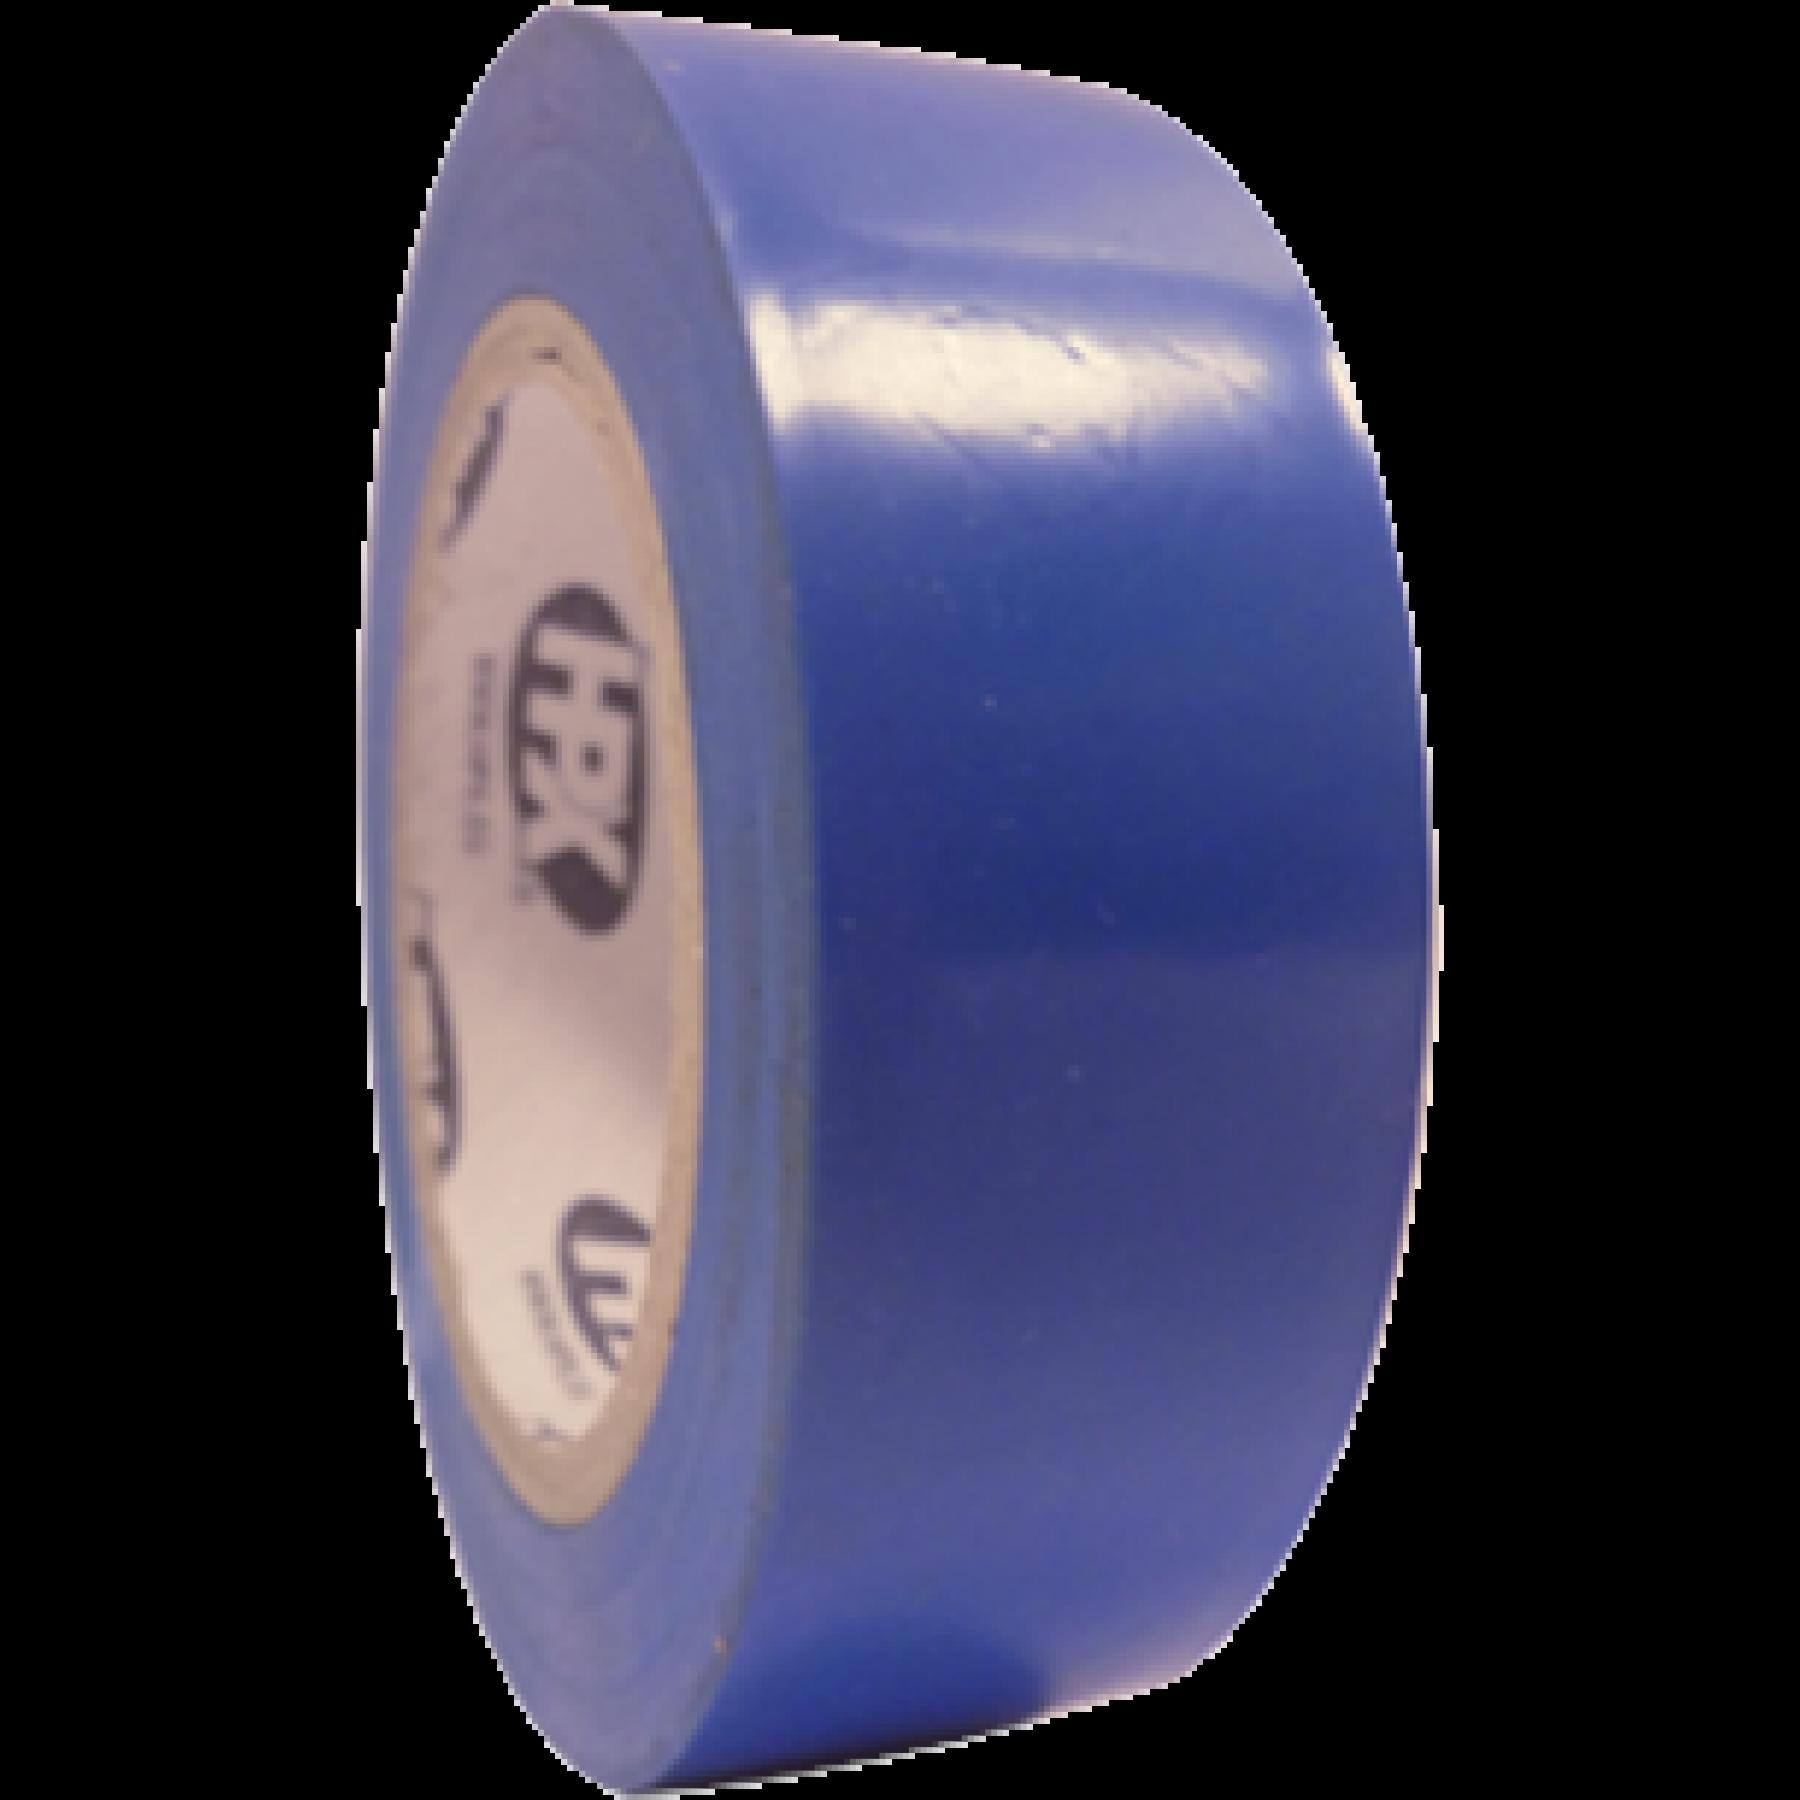 Isolatie tape blauw